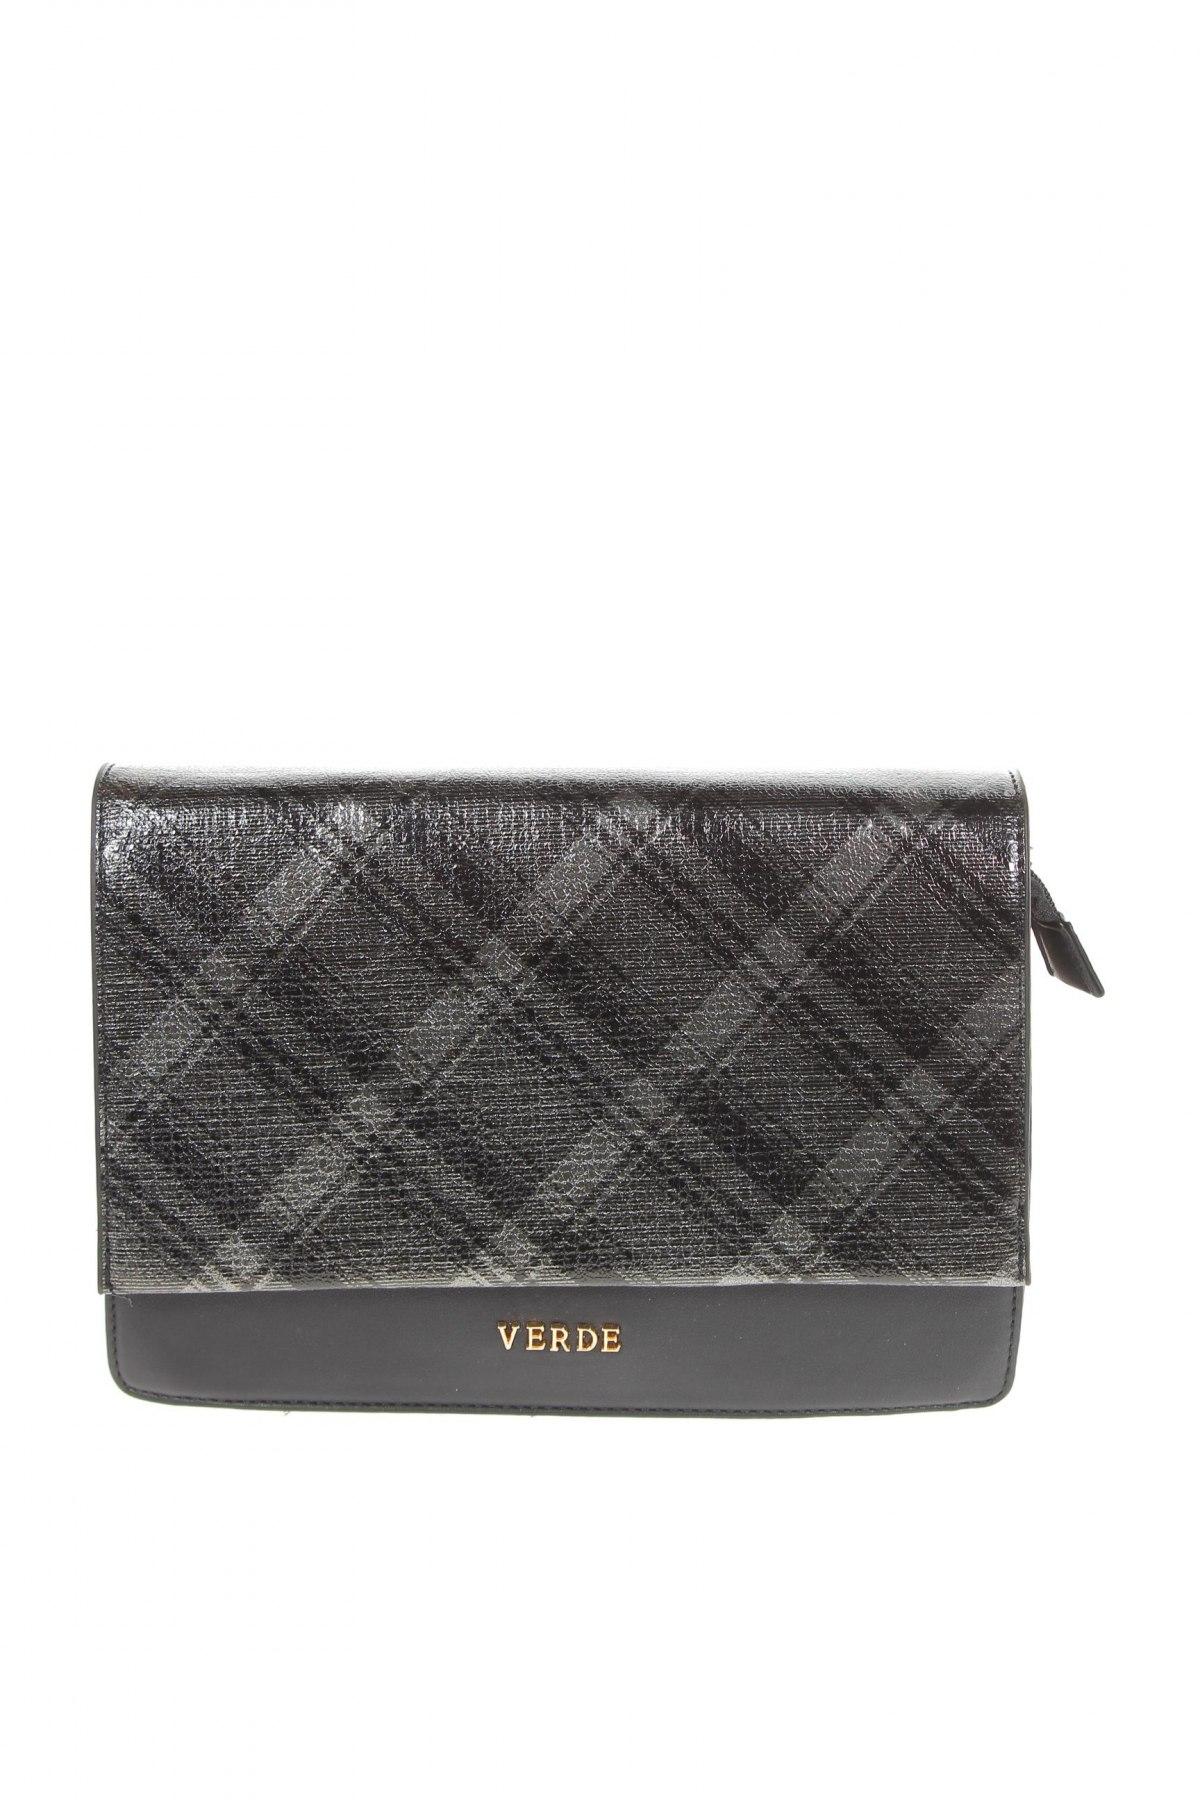 Дамска чанта Verde, Цвят Черен, Еко кожа, Цена 14,49лв.